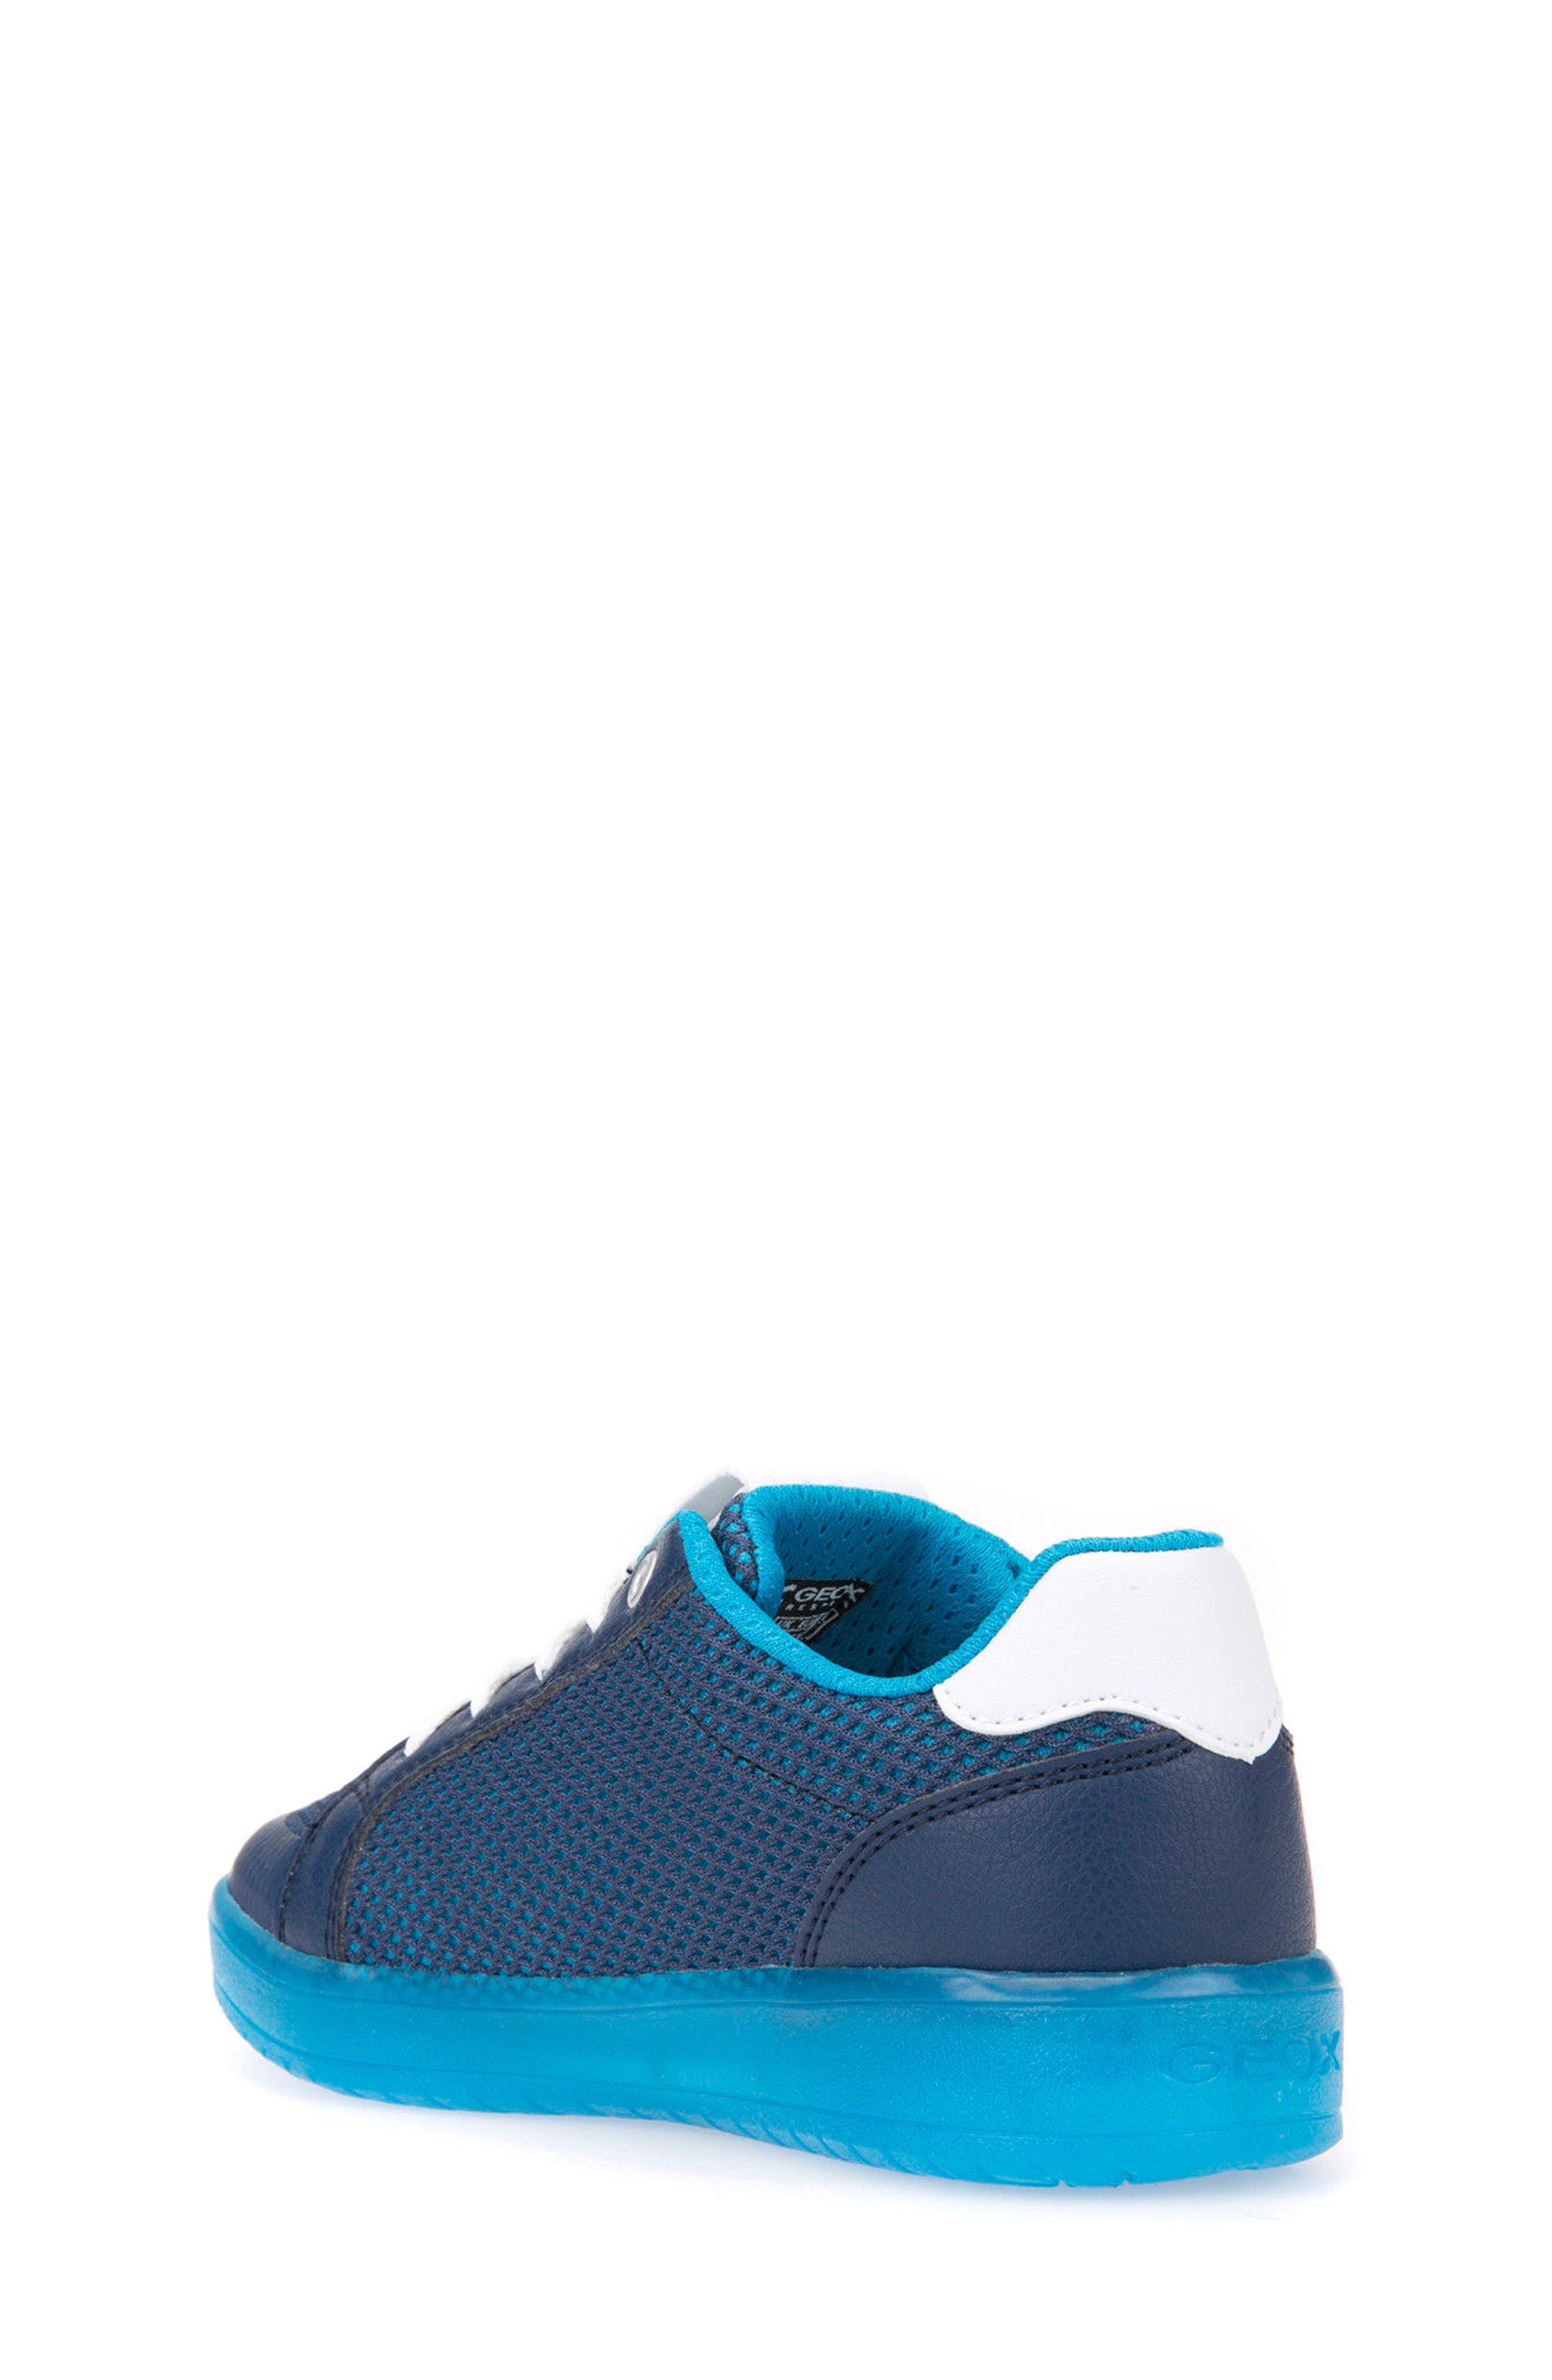 Kommodor Light-Up Mesh Sneaker,                             Alternate thumbnail 2, color,                             Navy/ Light Blue